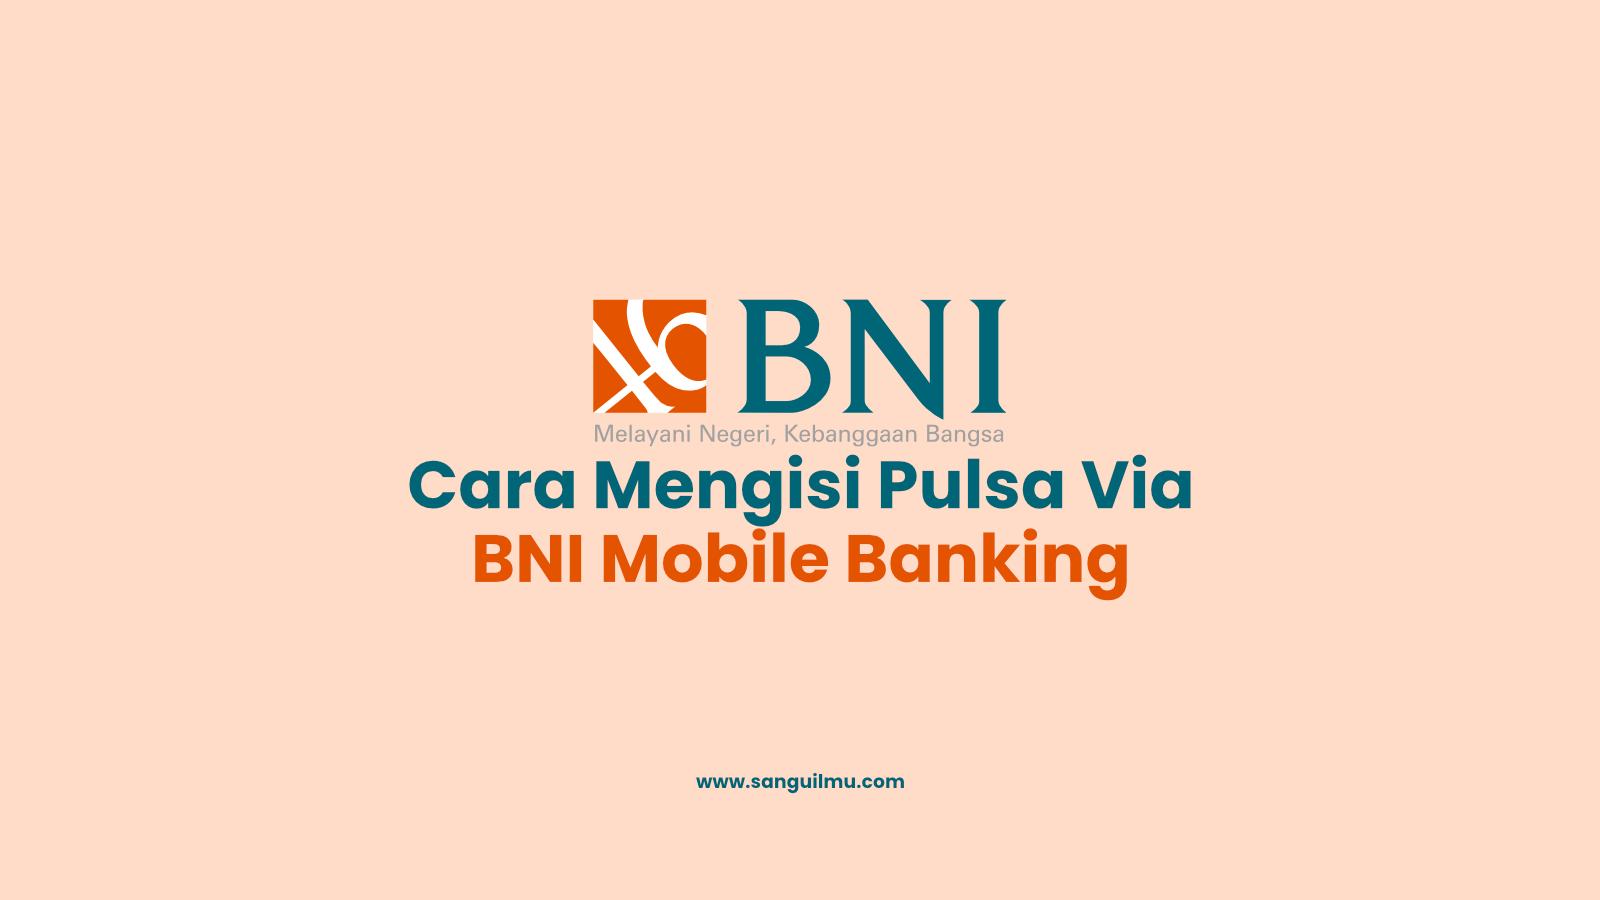 Cara Mengisi Pulsa Via BNI Mobile Banking